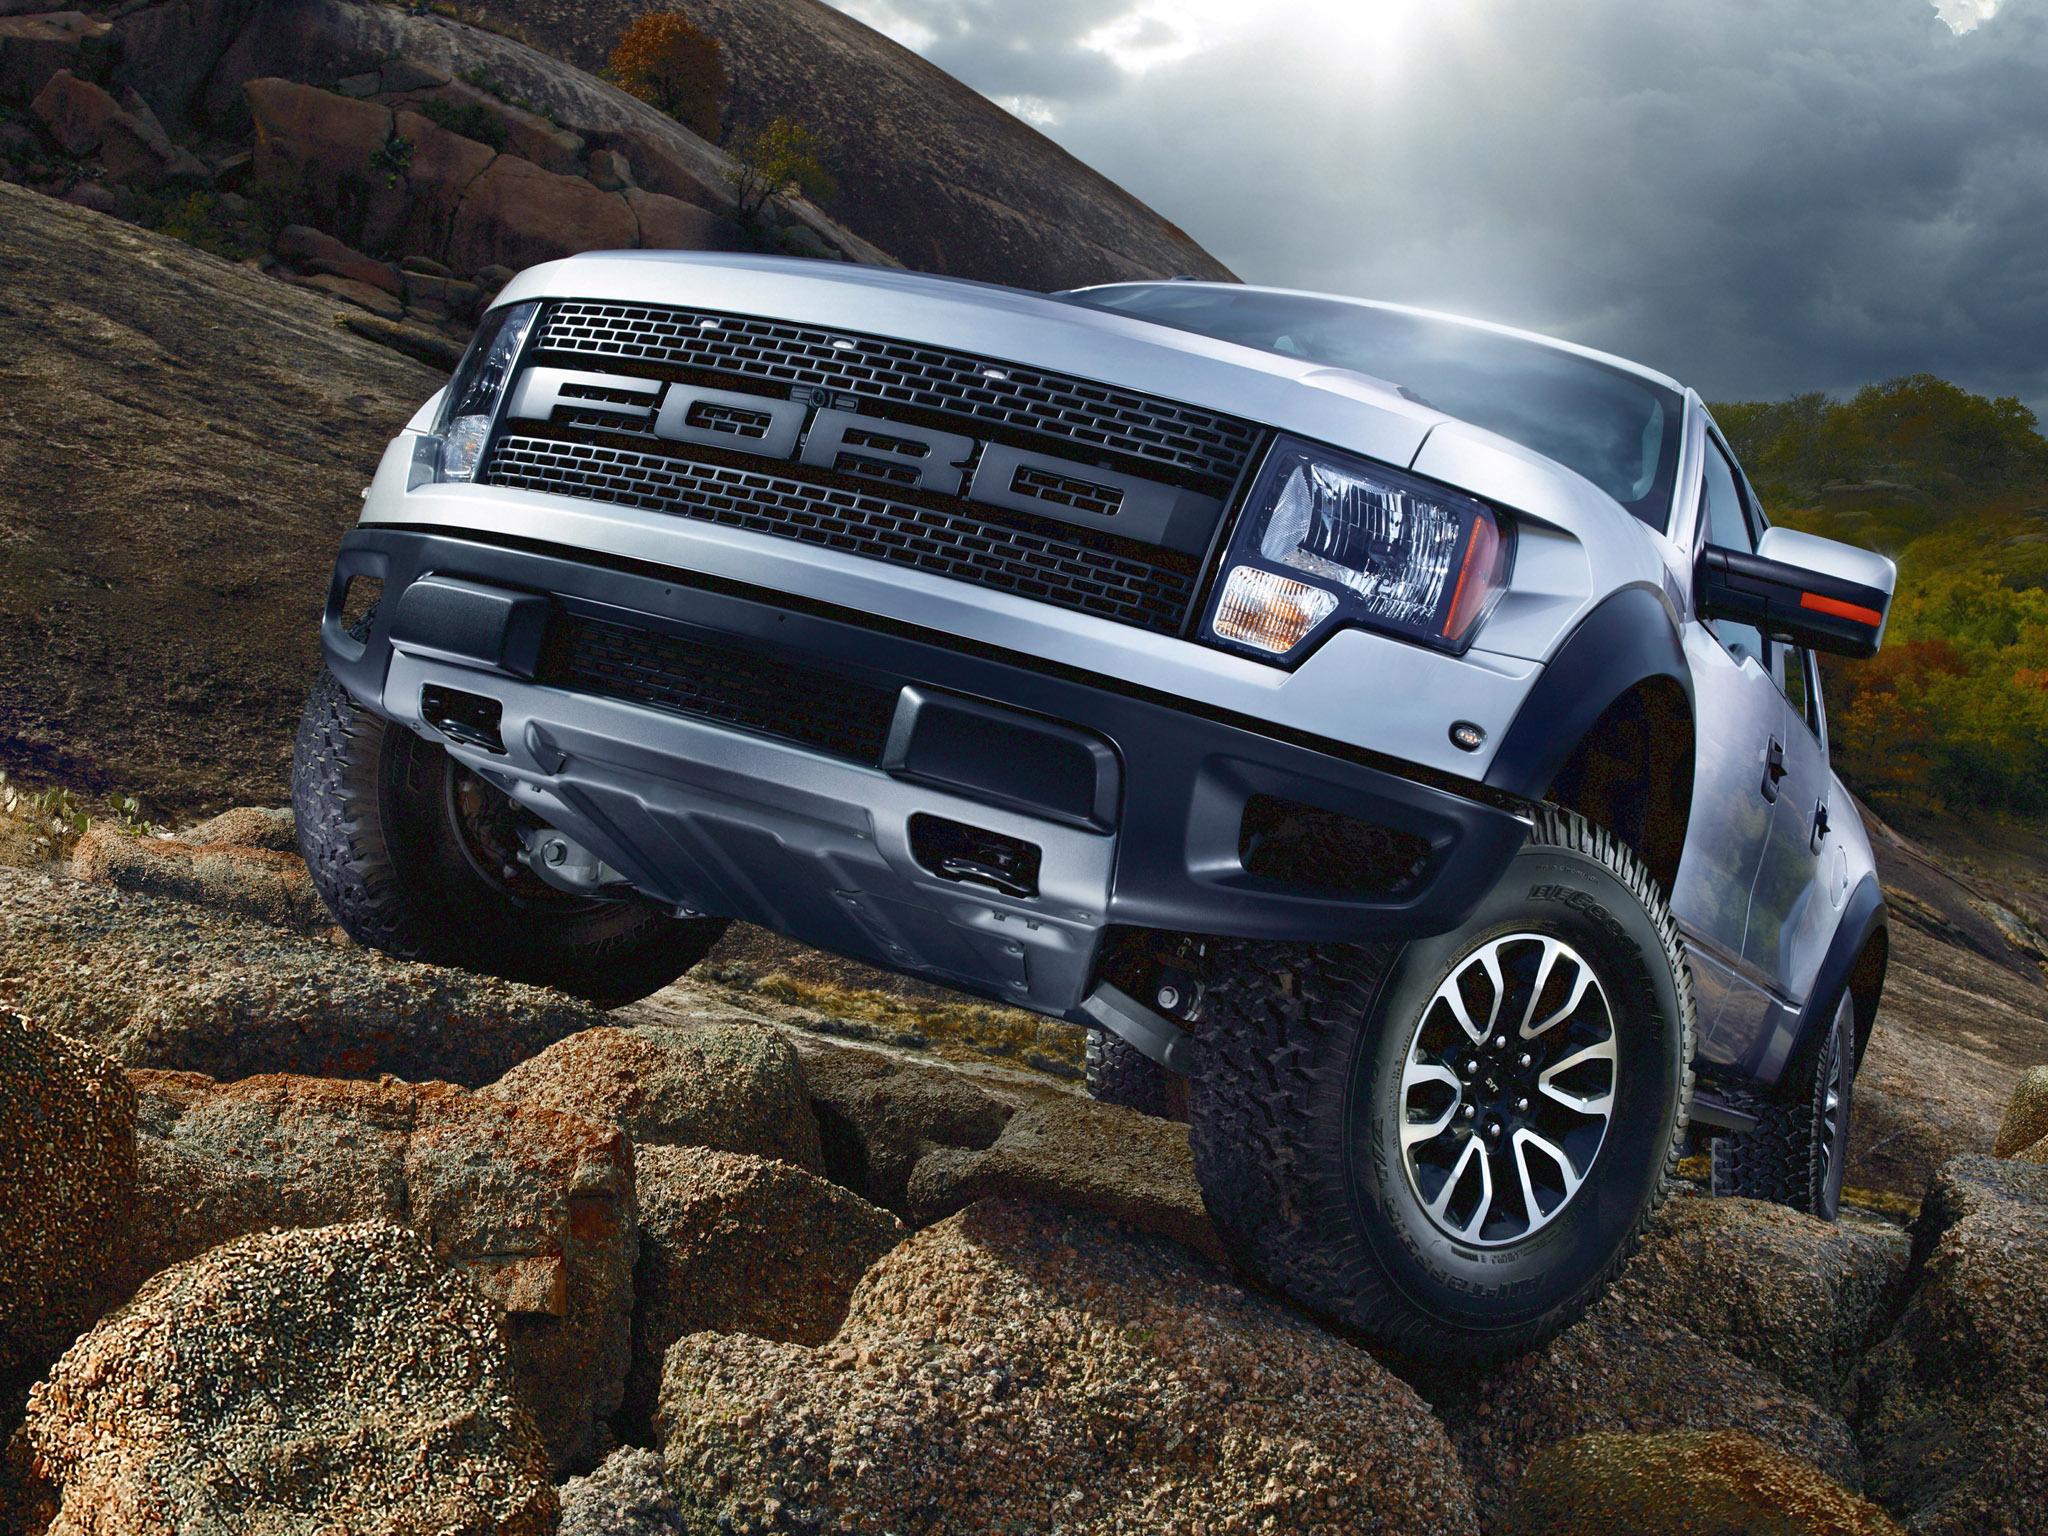 Fond dcran Ford 4x4 gratuit fonds cran Ford 4x4 voiture de 2048x1536